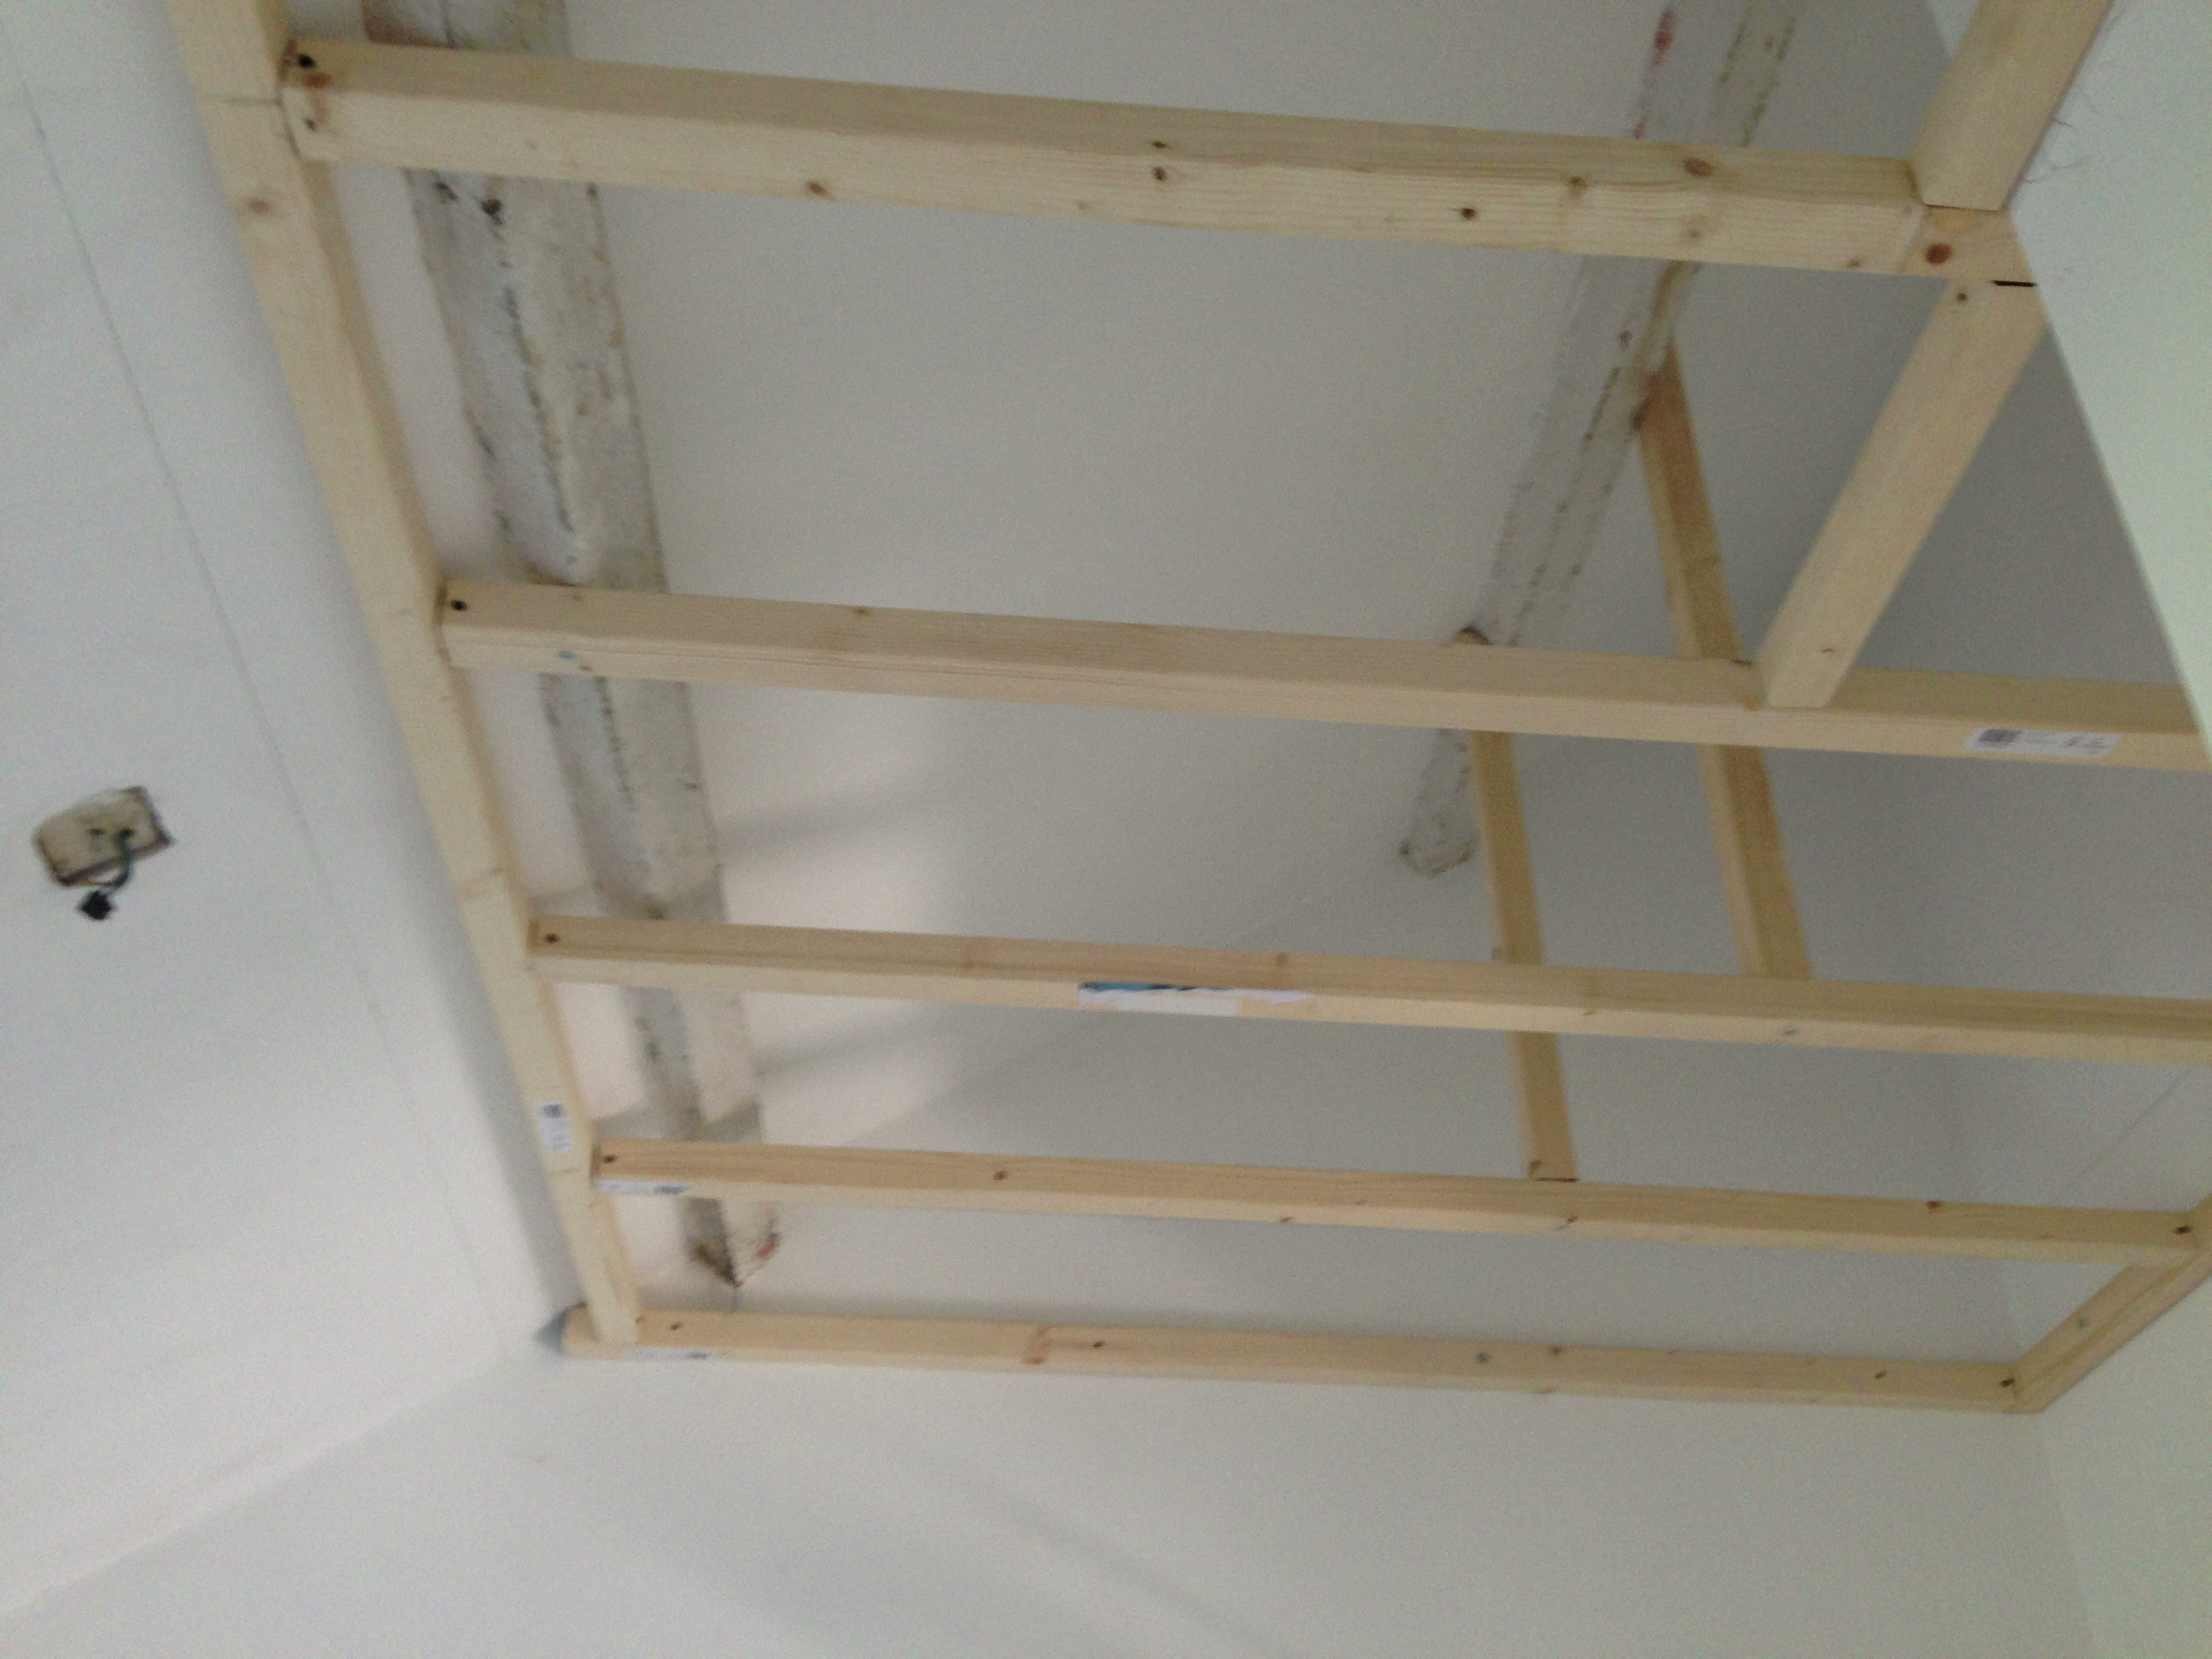 Keuken Renovatie Limburg : Badkamer en Keuken renovatie met een stalen balkenconstructie – Home